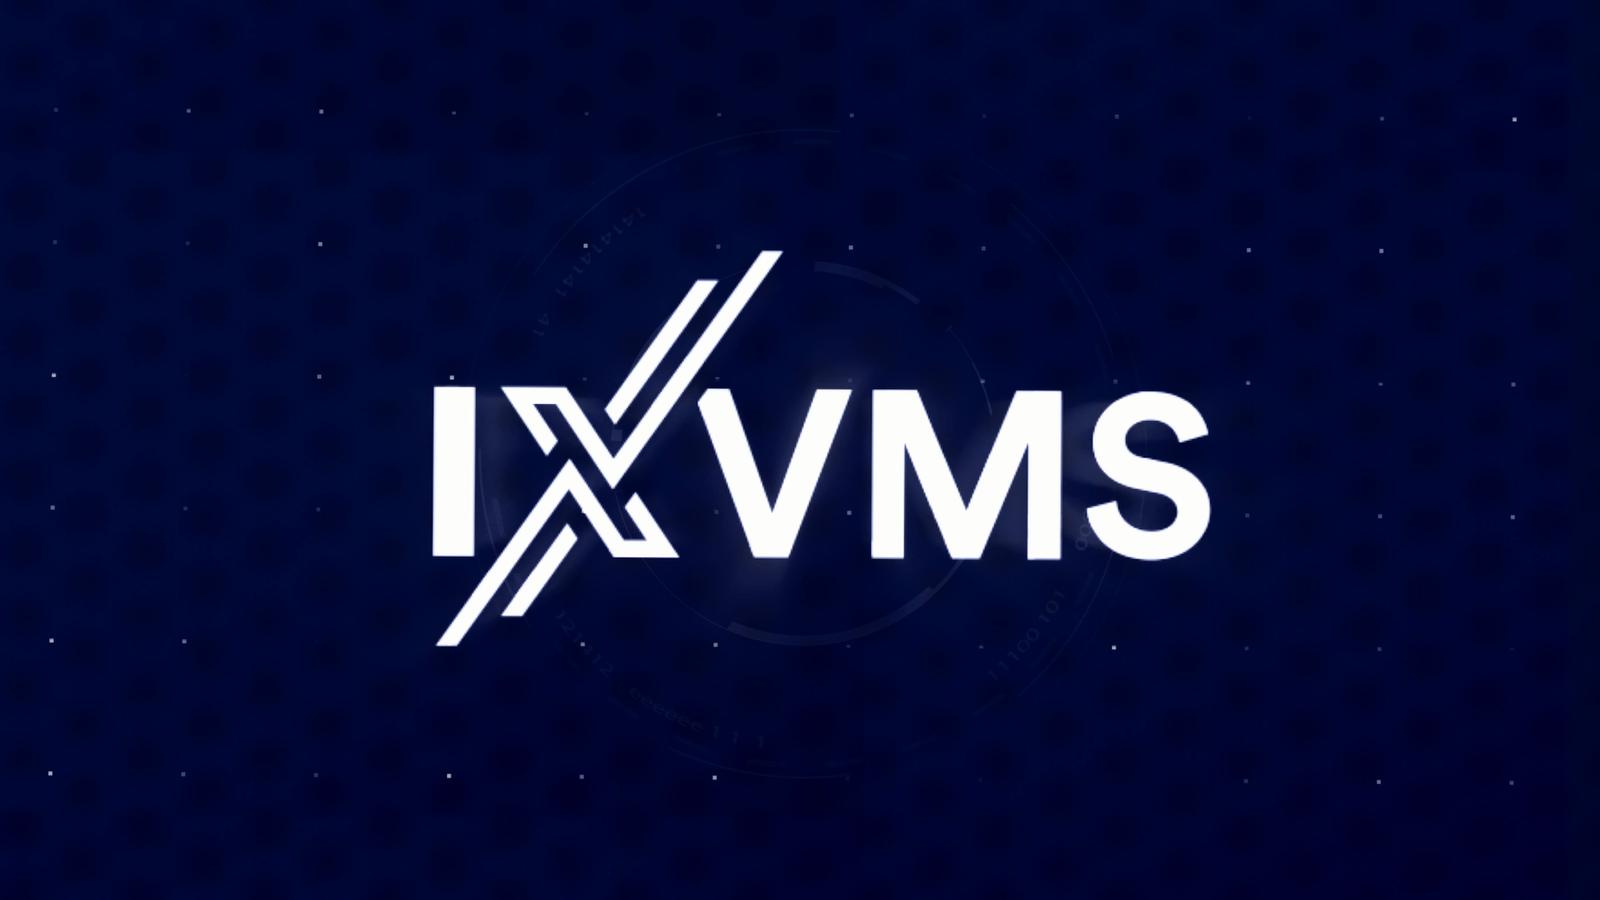 IXVMS